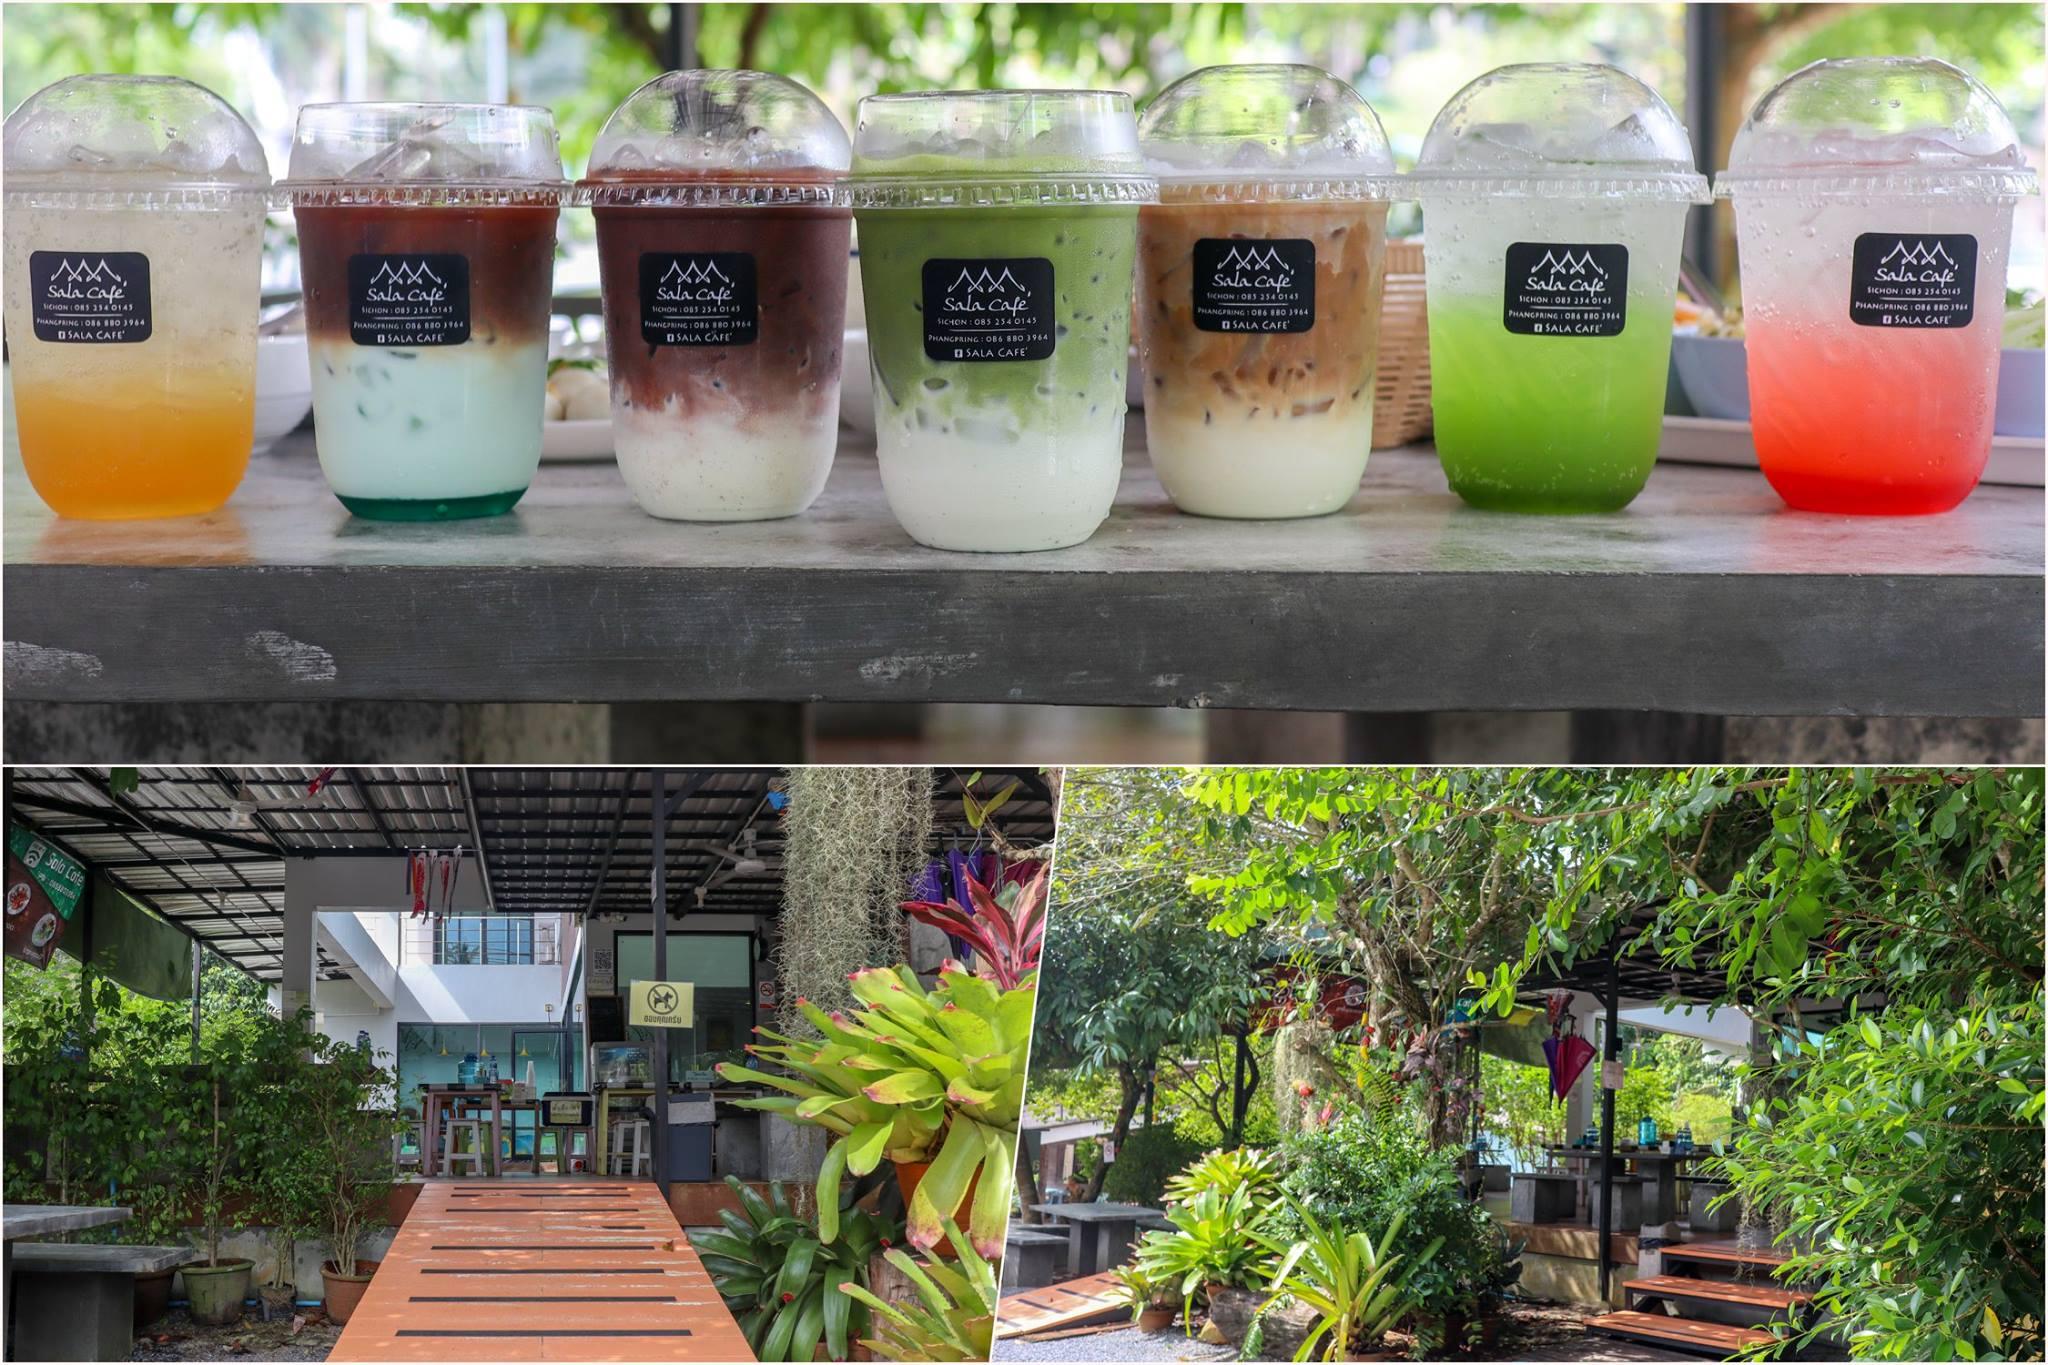 19.-Sala-Cafe ร้านนี้จะออกแนวแตกต่างนิดนึงคือมีการผสมผสานกันระหว่างร้านขนมจีนและคาเฟ่-ที่ขอบอกว่าเข้ากันได้อย่างลงตัวครับ-เมนูชาเขียว-กับโกโก้-แอดมินให้-10/10-เลยอร่อยมวากกกก พิกัด-:-ท่าศาลา-นครศรี หนมจีนครูพร-ขนมจีนน้ำยาปูนิ่ม-By-Sala-Cafe- คาเฟ่,นครศรีธรรมราช,2021,จุดกิน,ของกิน,วิวหลักล้าน,ร้านกาแฟ